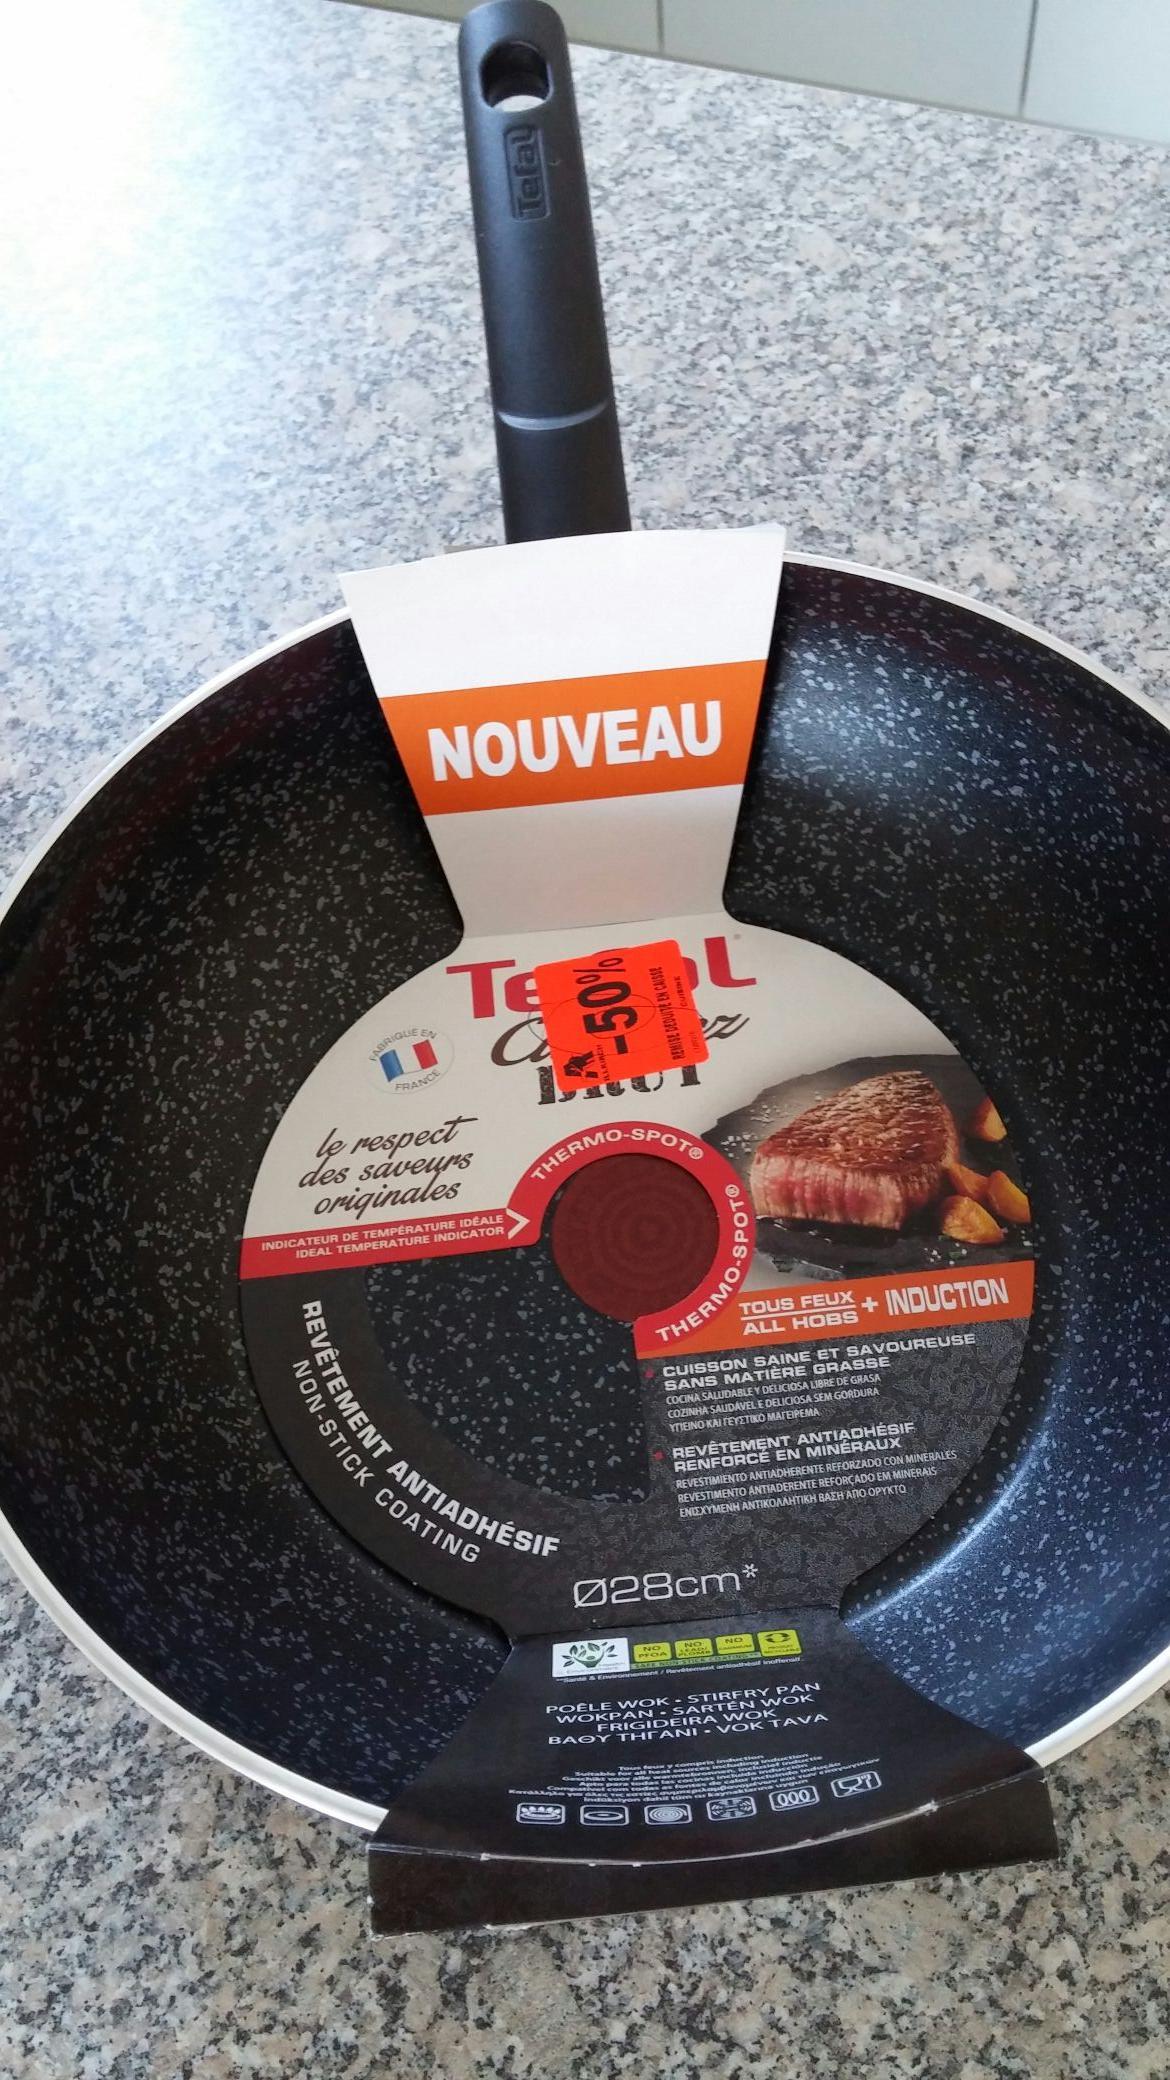 Sélection de poêles Tefal (tous feux dont induction) en promotion - Ex : Wok Tefal Cuisinez brut 28cm